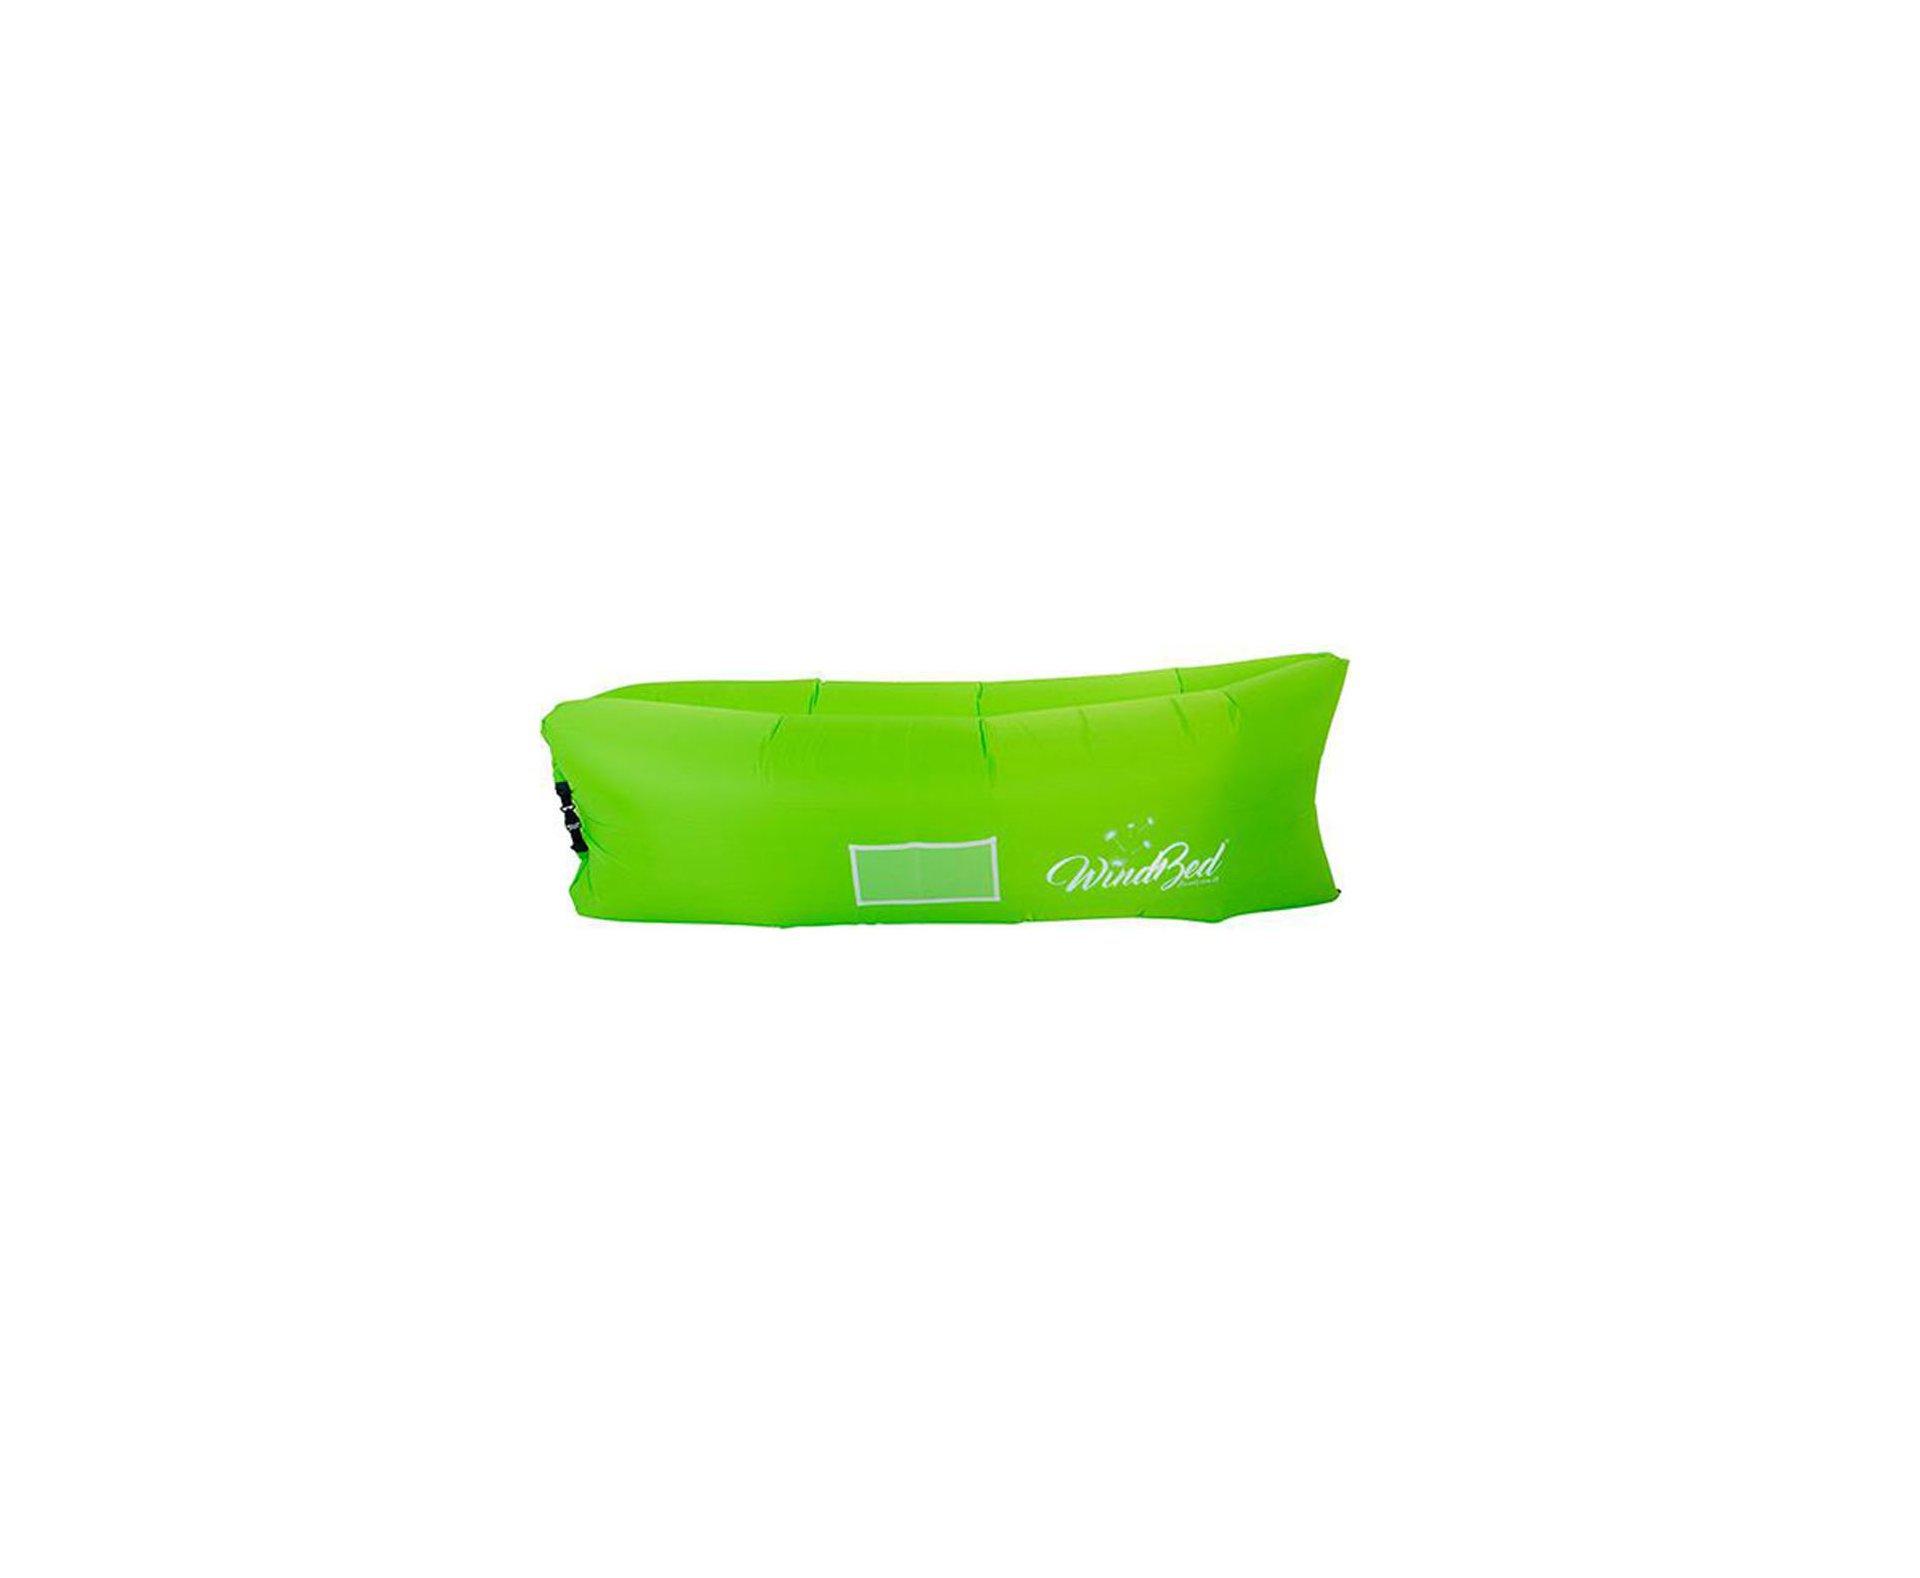 Windbed Sofá Inflável  Verde - Fixxar